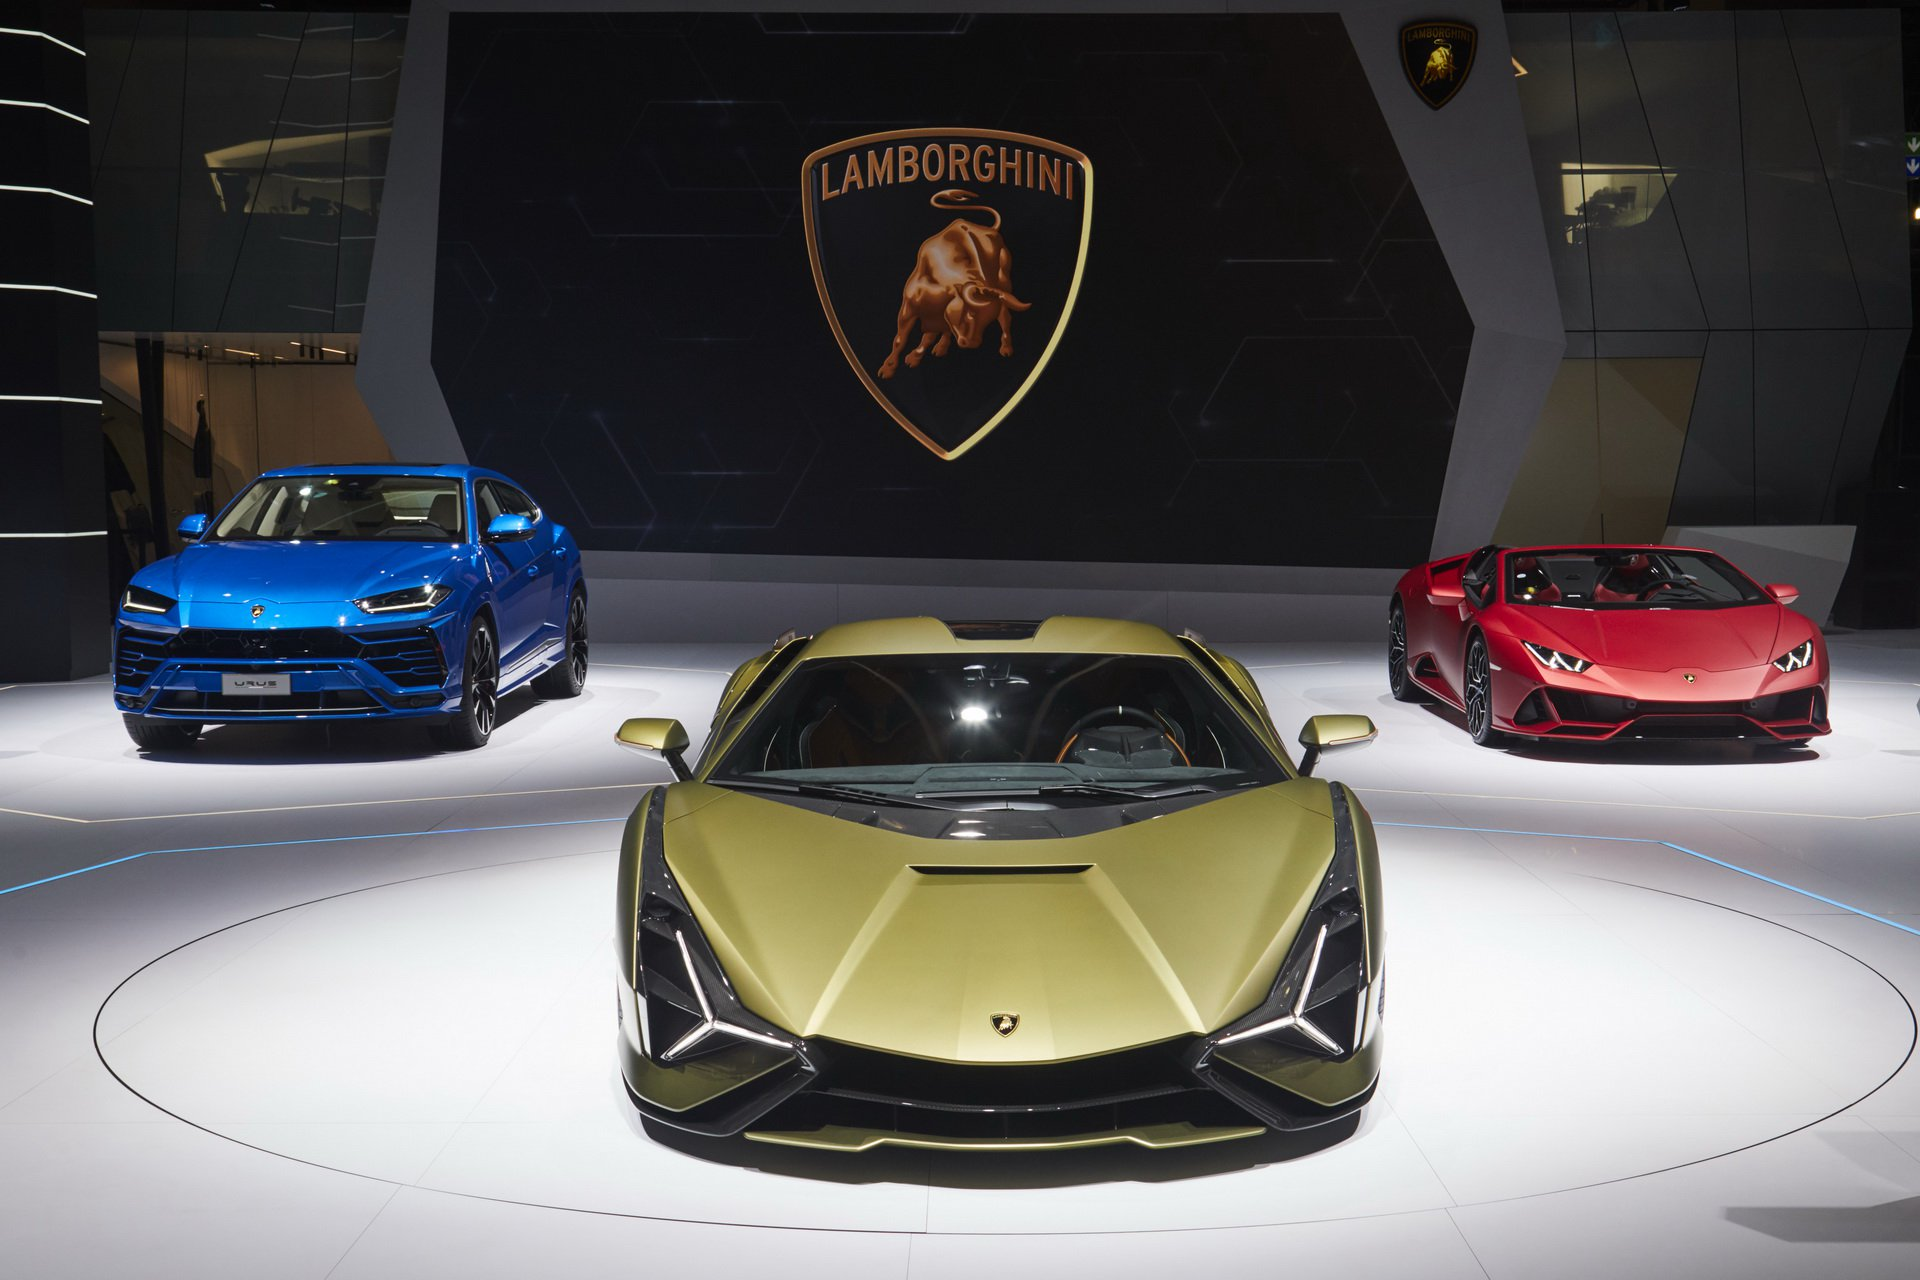 Lamborghini-Sian-FKP-37-2